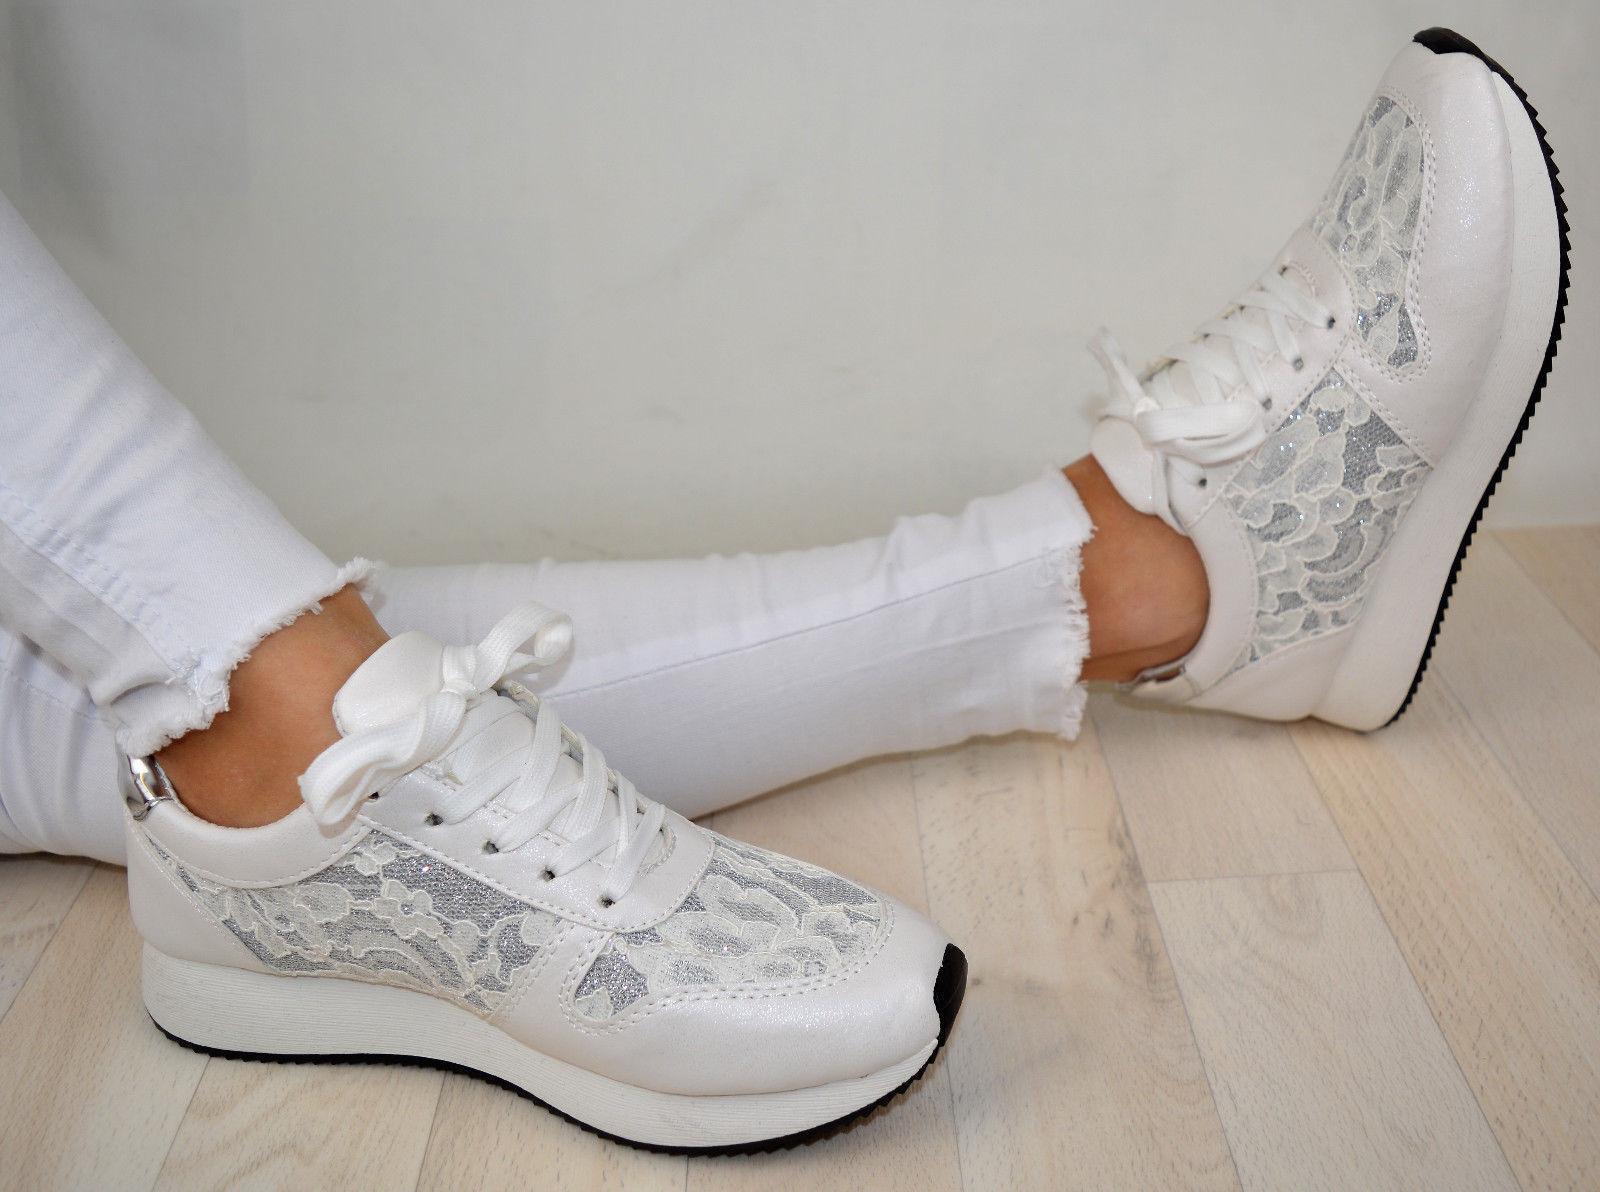 Glitzer Sneaker Damen – Dein Schnäppchen Portal!